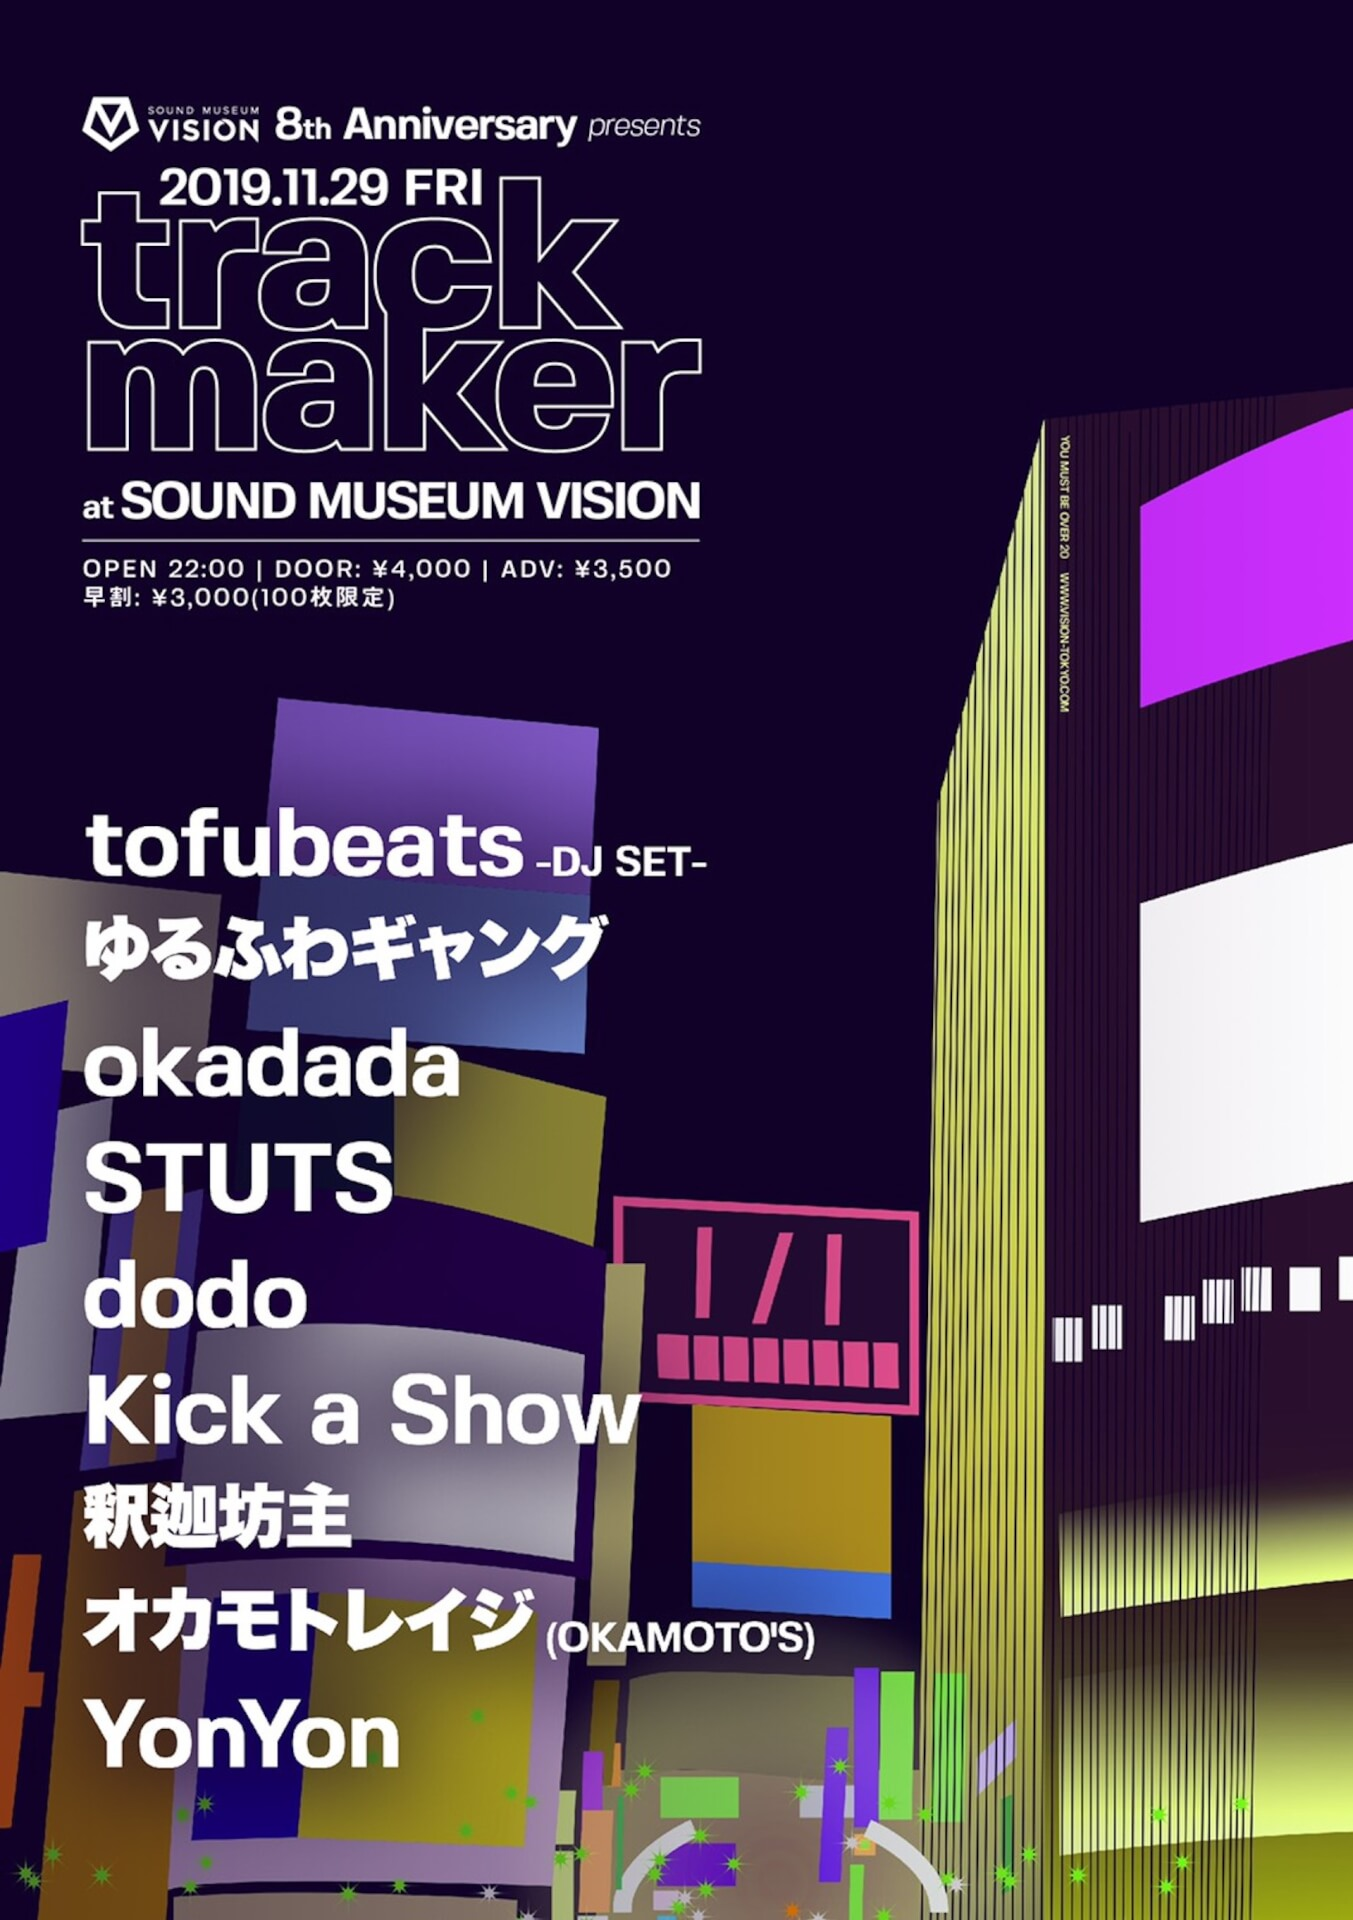 渋谷VISIONの8周年アニバーサリーを4日間に渡り開催|ゆるふわギャング、tofubeats、Mark Knight、Purple Disco Machineら豪華ゲストが出演 20191129